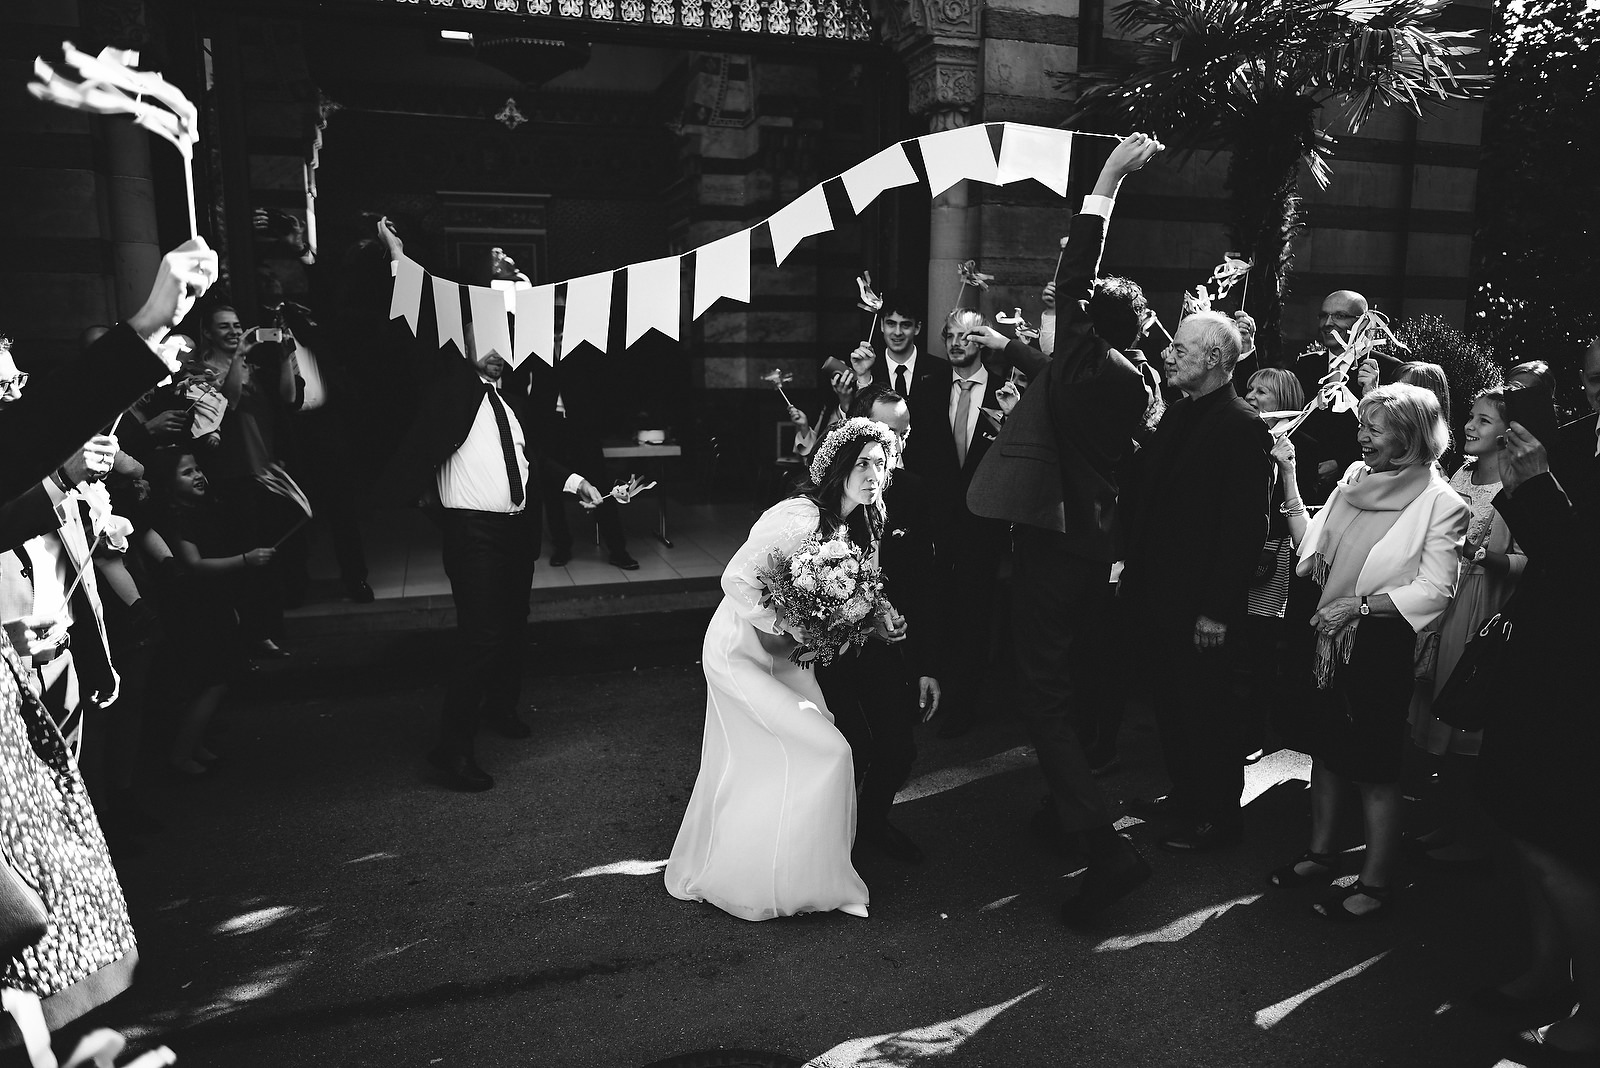 Fotograf Konstanz - Hochzeitsfotograf Stuttgart Esslingen Hochzeit 28 - Wedding with moorish ambience in the Wilhelma in Stuttgart  - 27 -